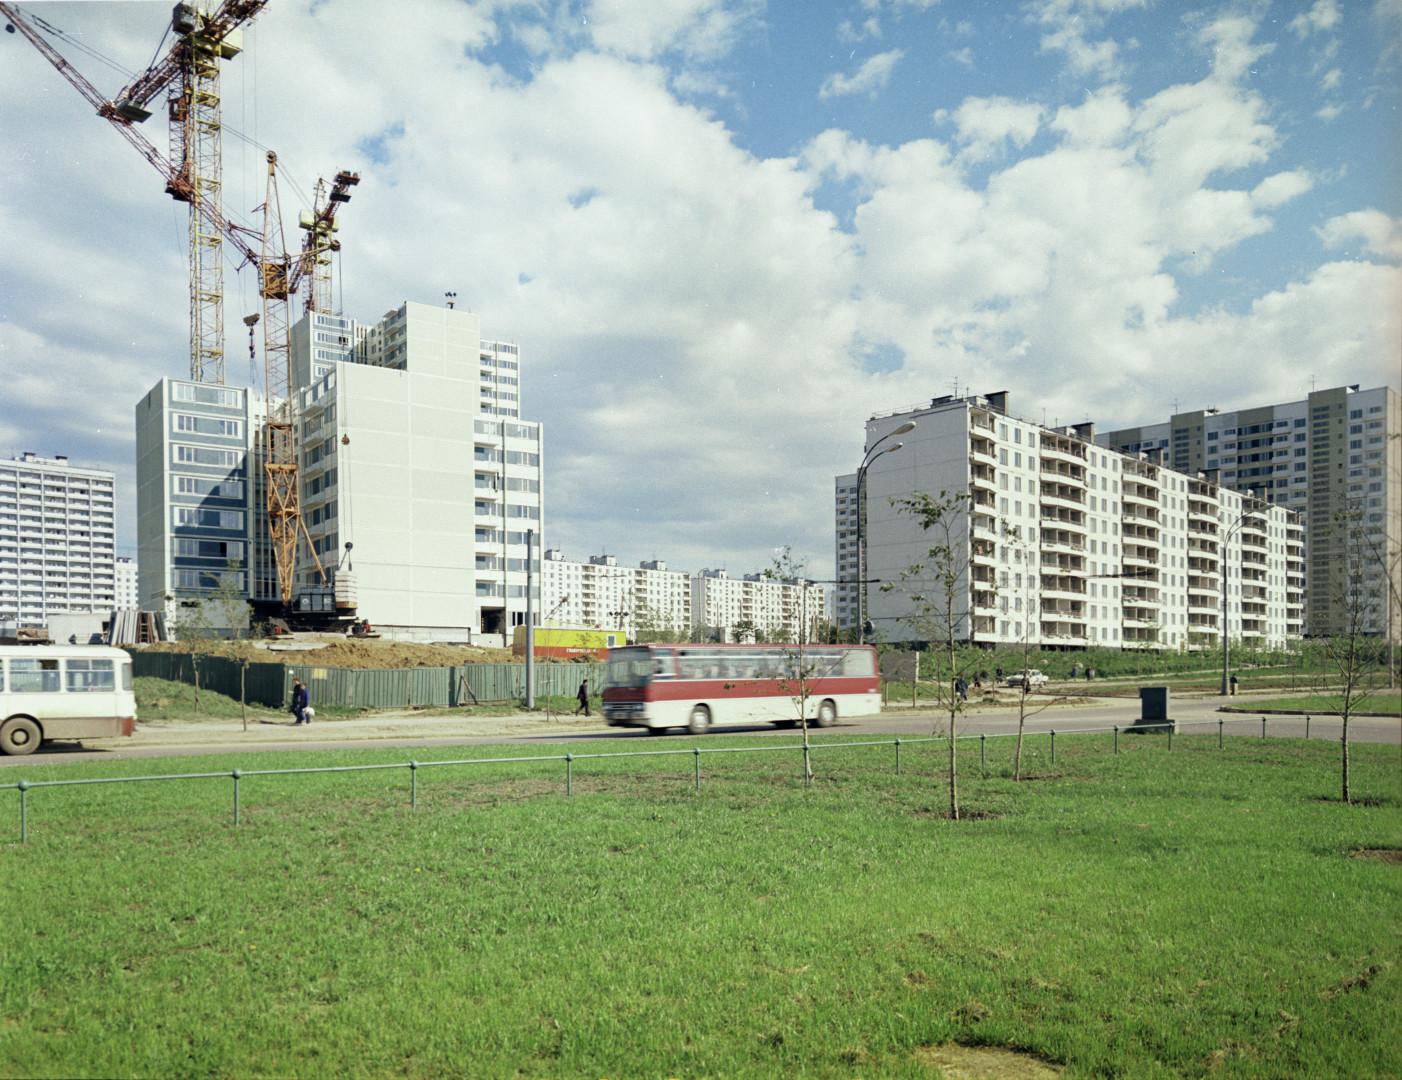 1974 Строительство первого дома из унифицированных конструкций в Тропарево. Валентин Шияновский. РИА Новости